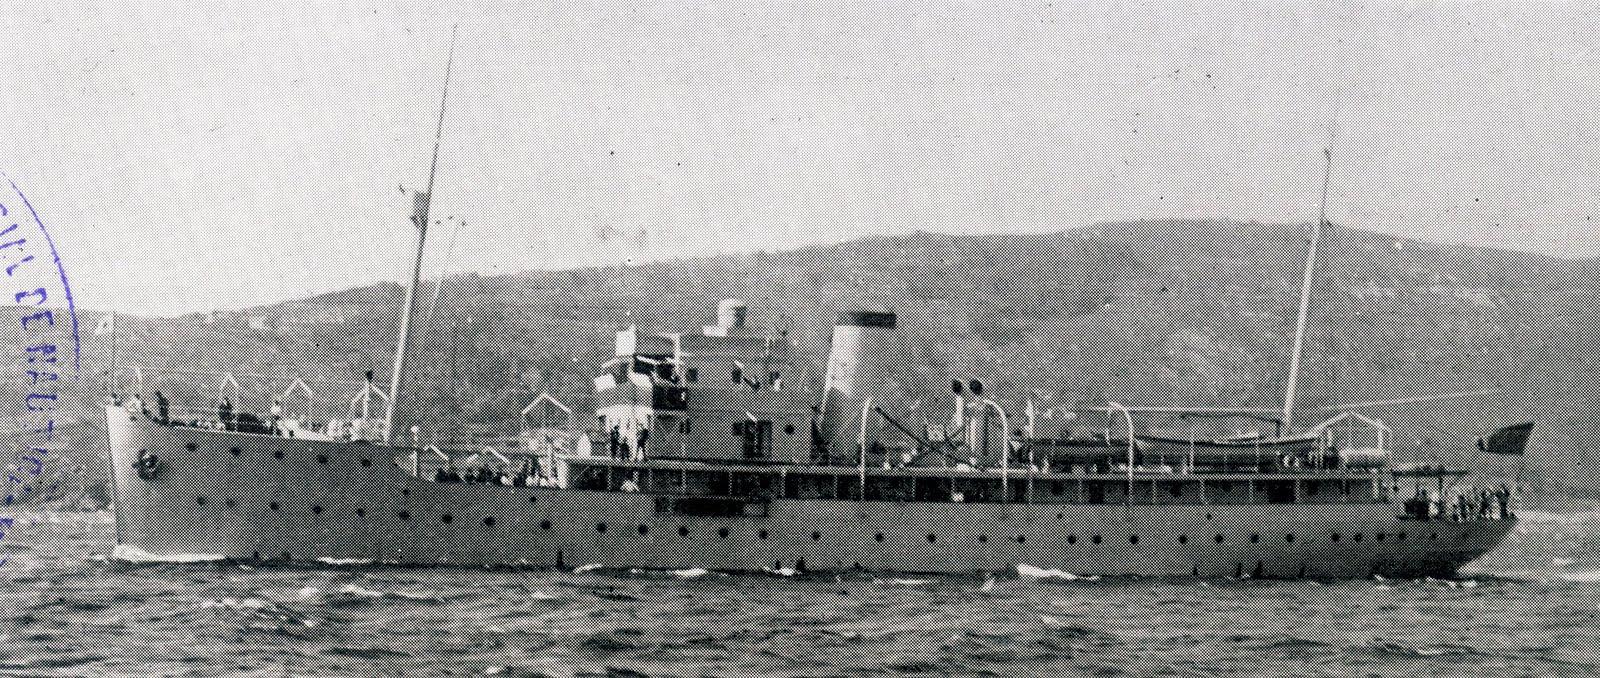 """El buque hidrográfico """"Tofiño"""", visto en toda su eslora por la banda de babor"""